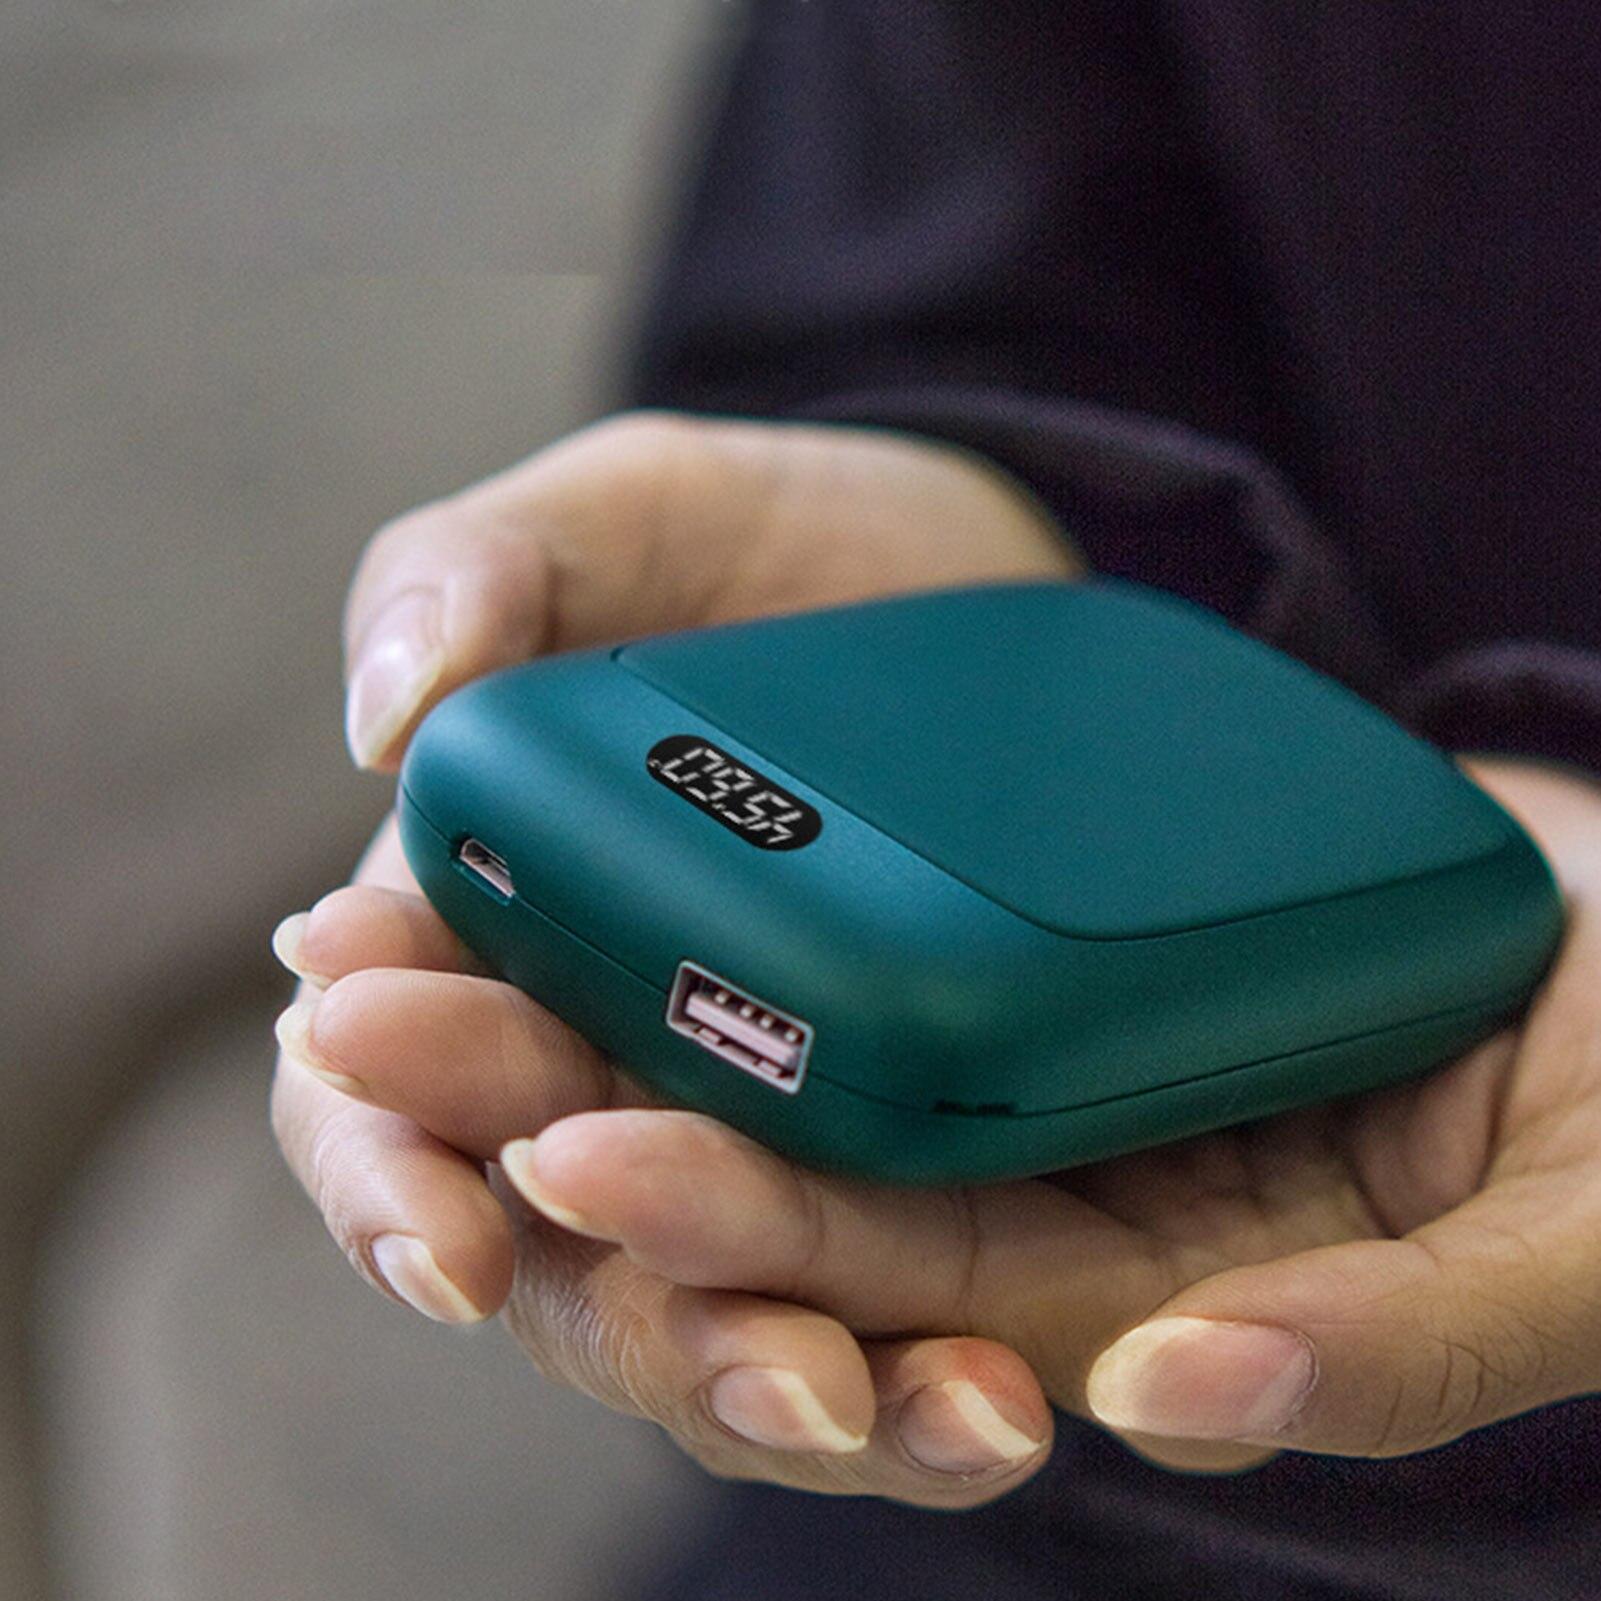 Портативный USB обогреватель Перезаряжаемые электрическая грелка для рук в зимний двусторонний Отопление мини мобильный Питание для согрев...